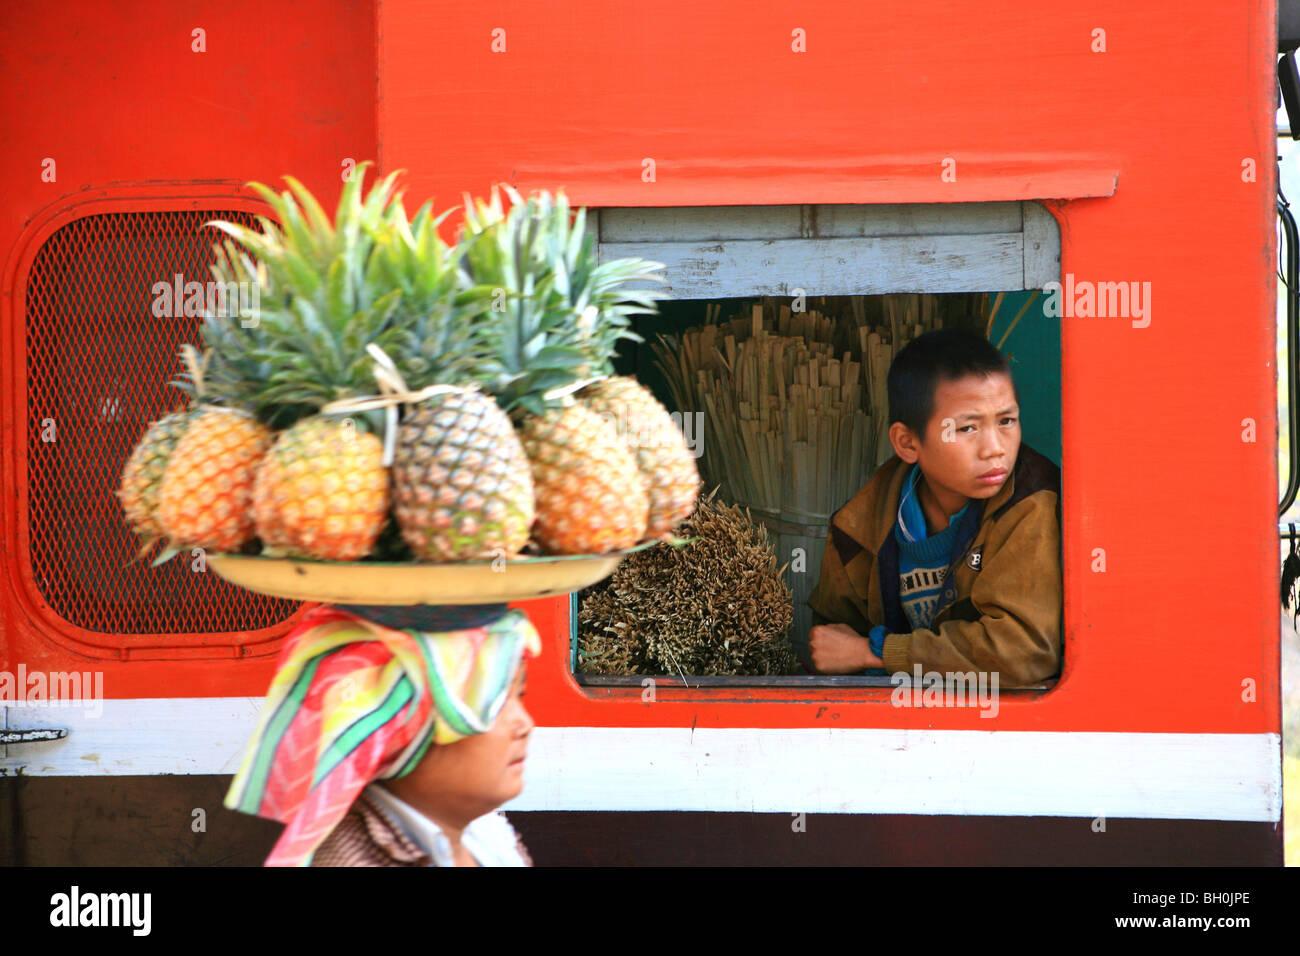 Una mujer que vende fruta, un niño mirando por la ventana de un tren, Hispaw, Estado de Shan, Myanmar, Birmania, Foto de stock